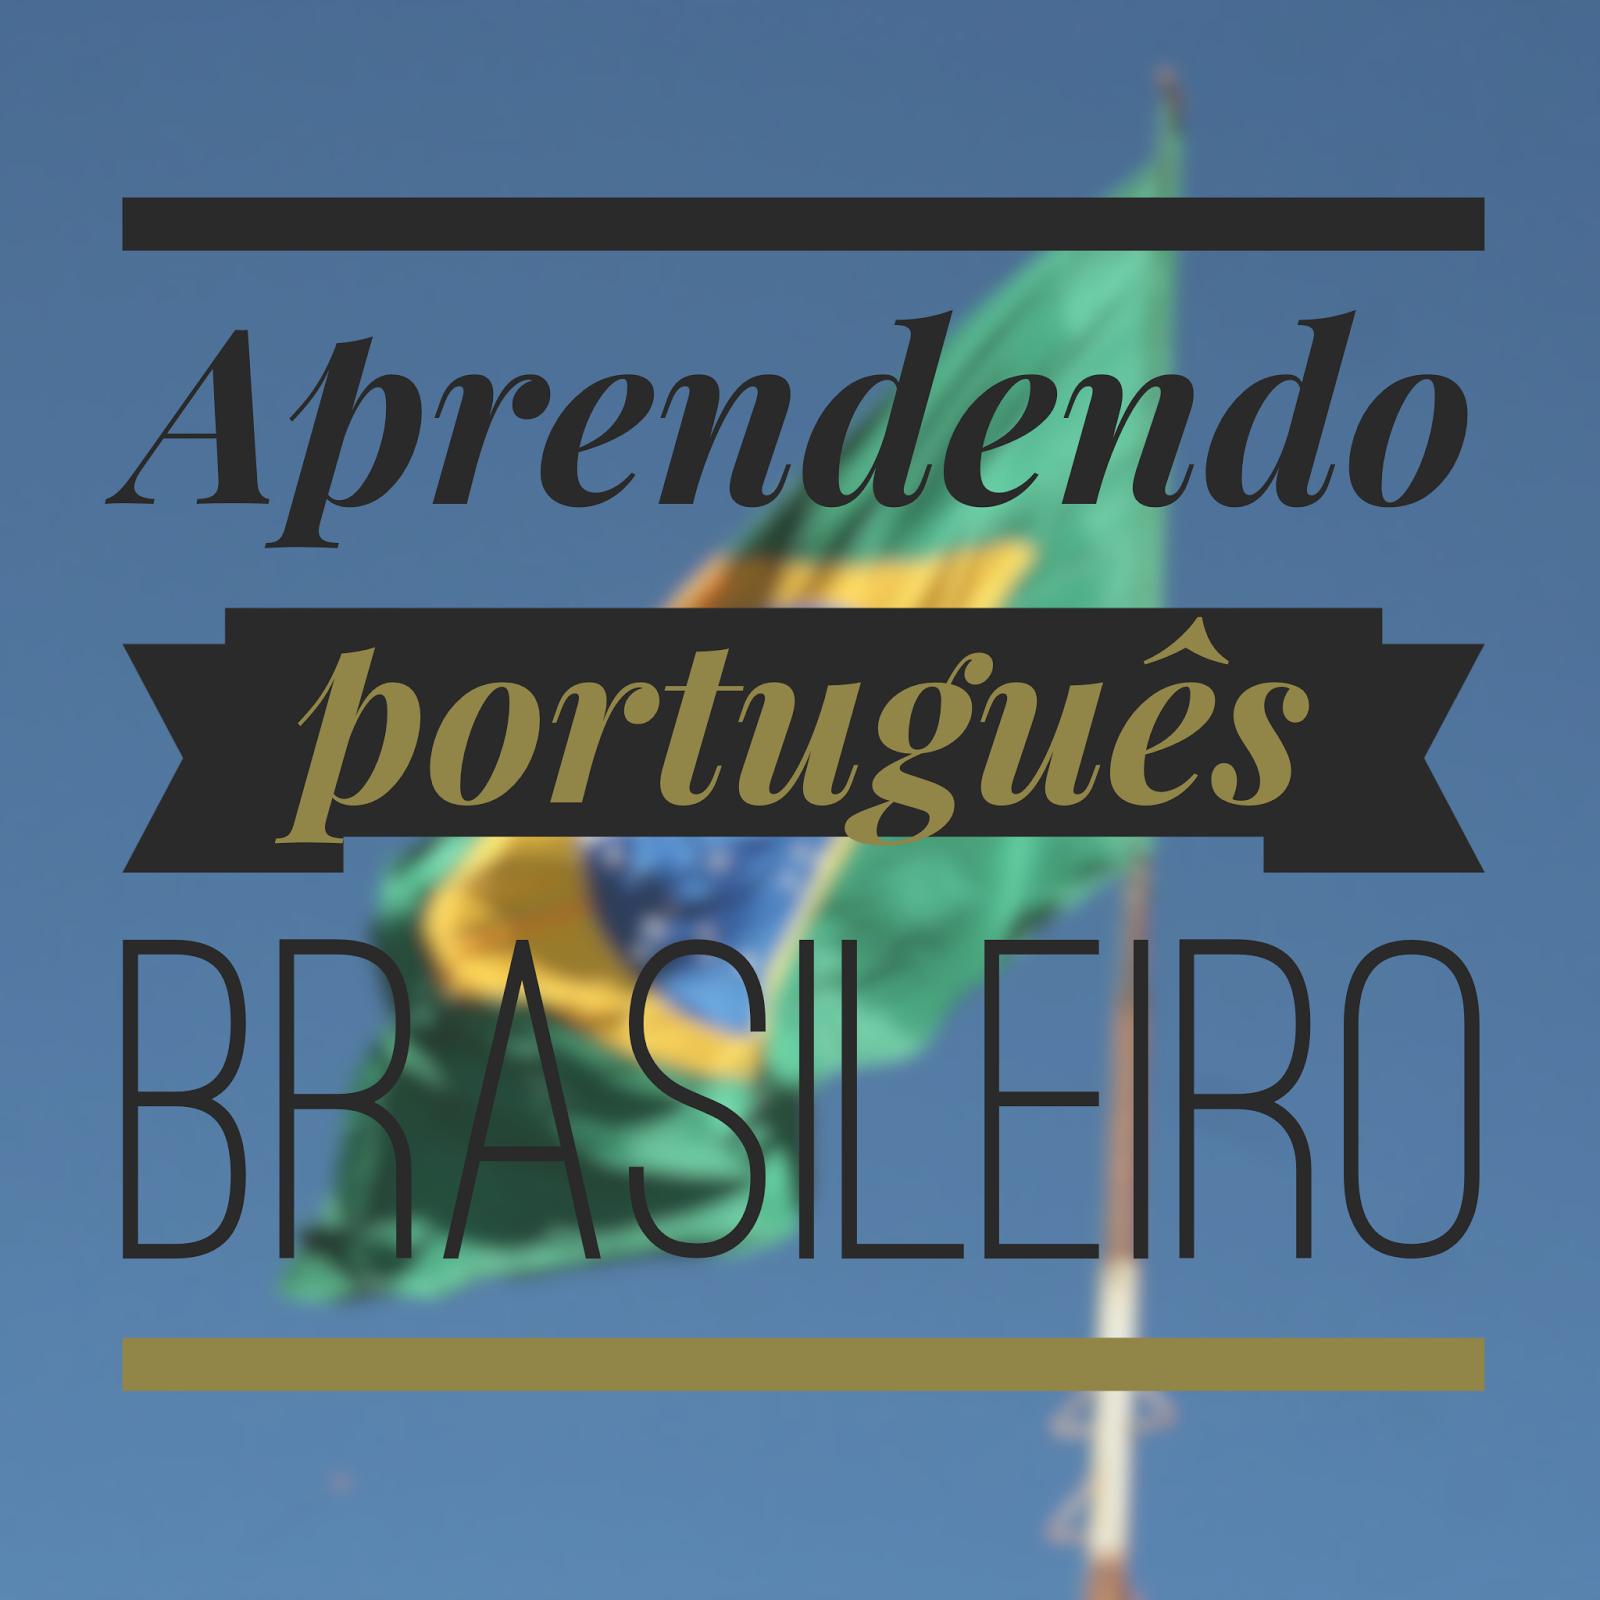 irlandes aprendendo portugues